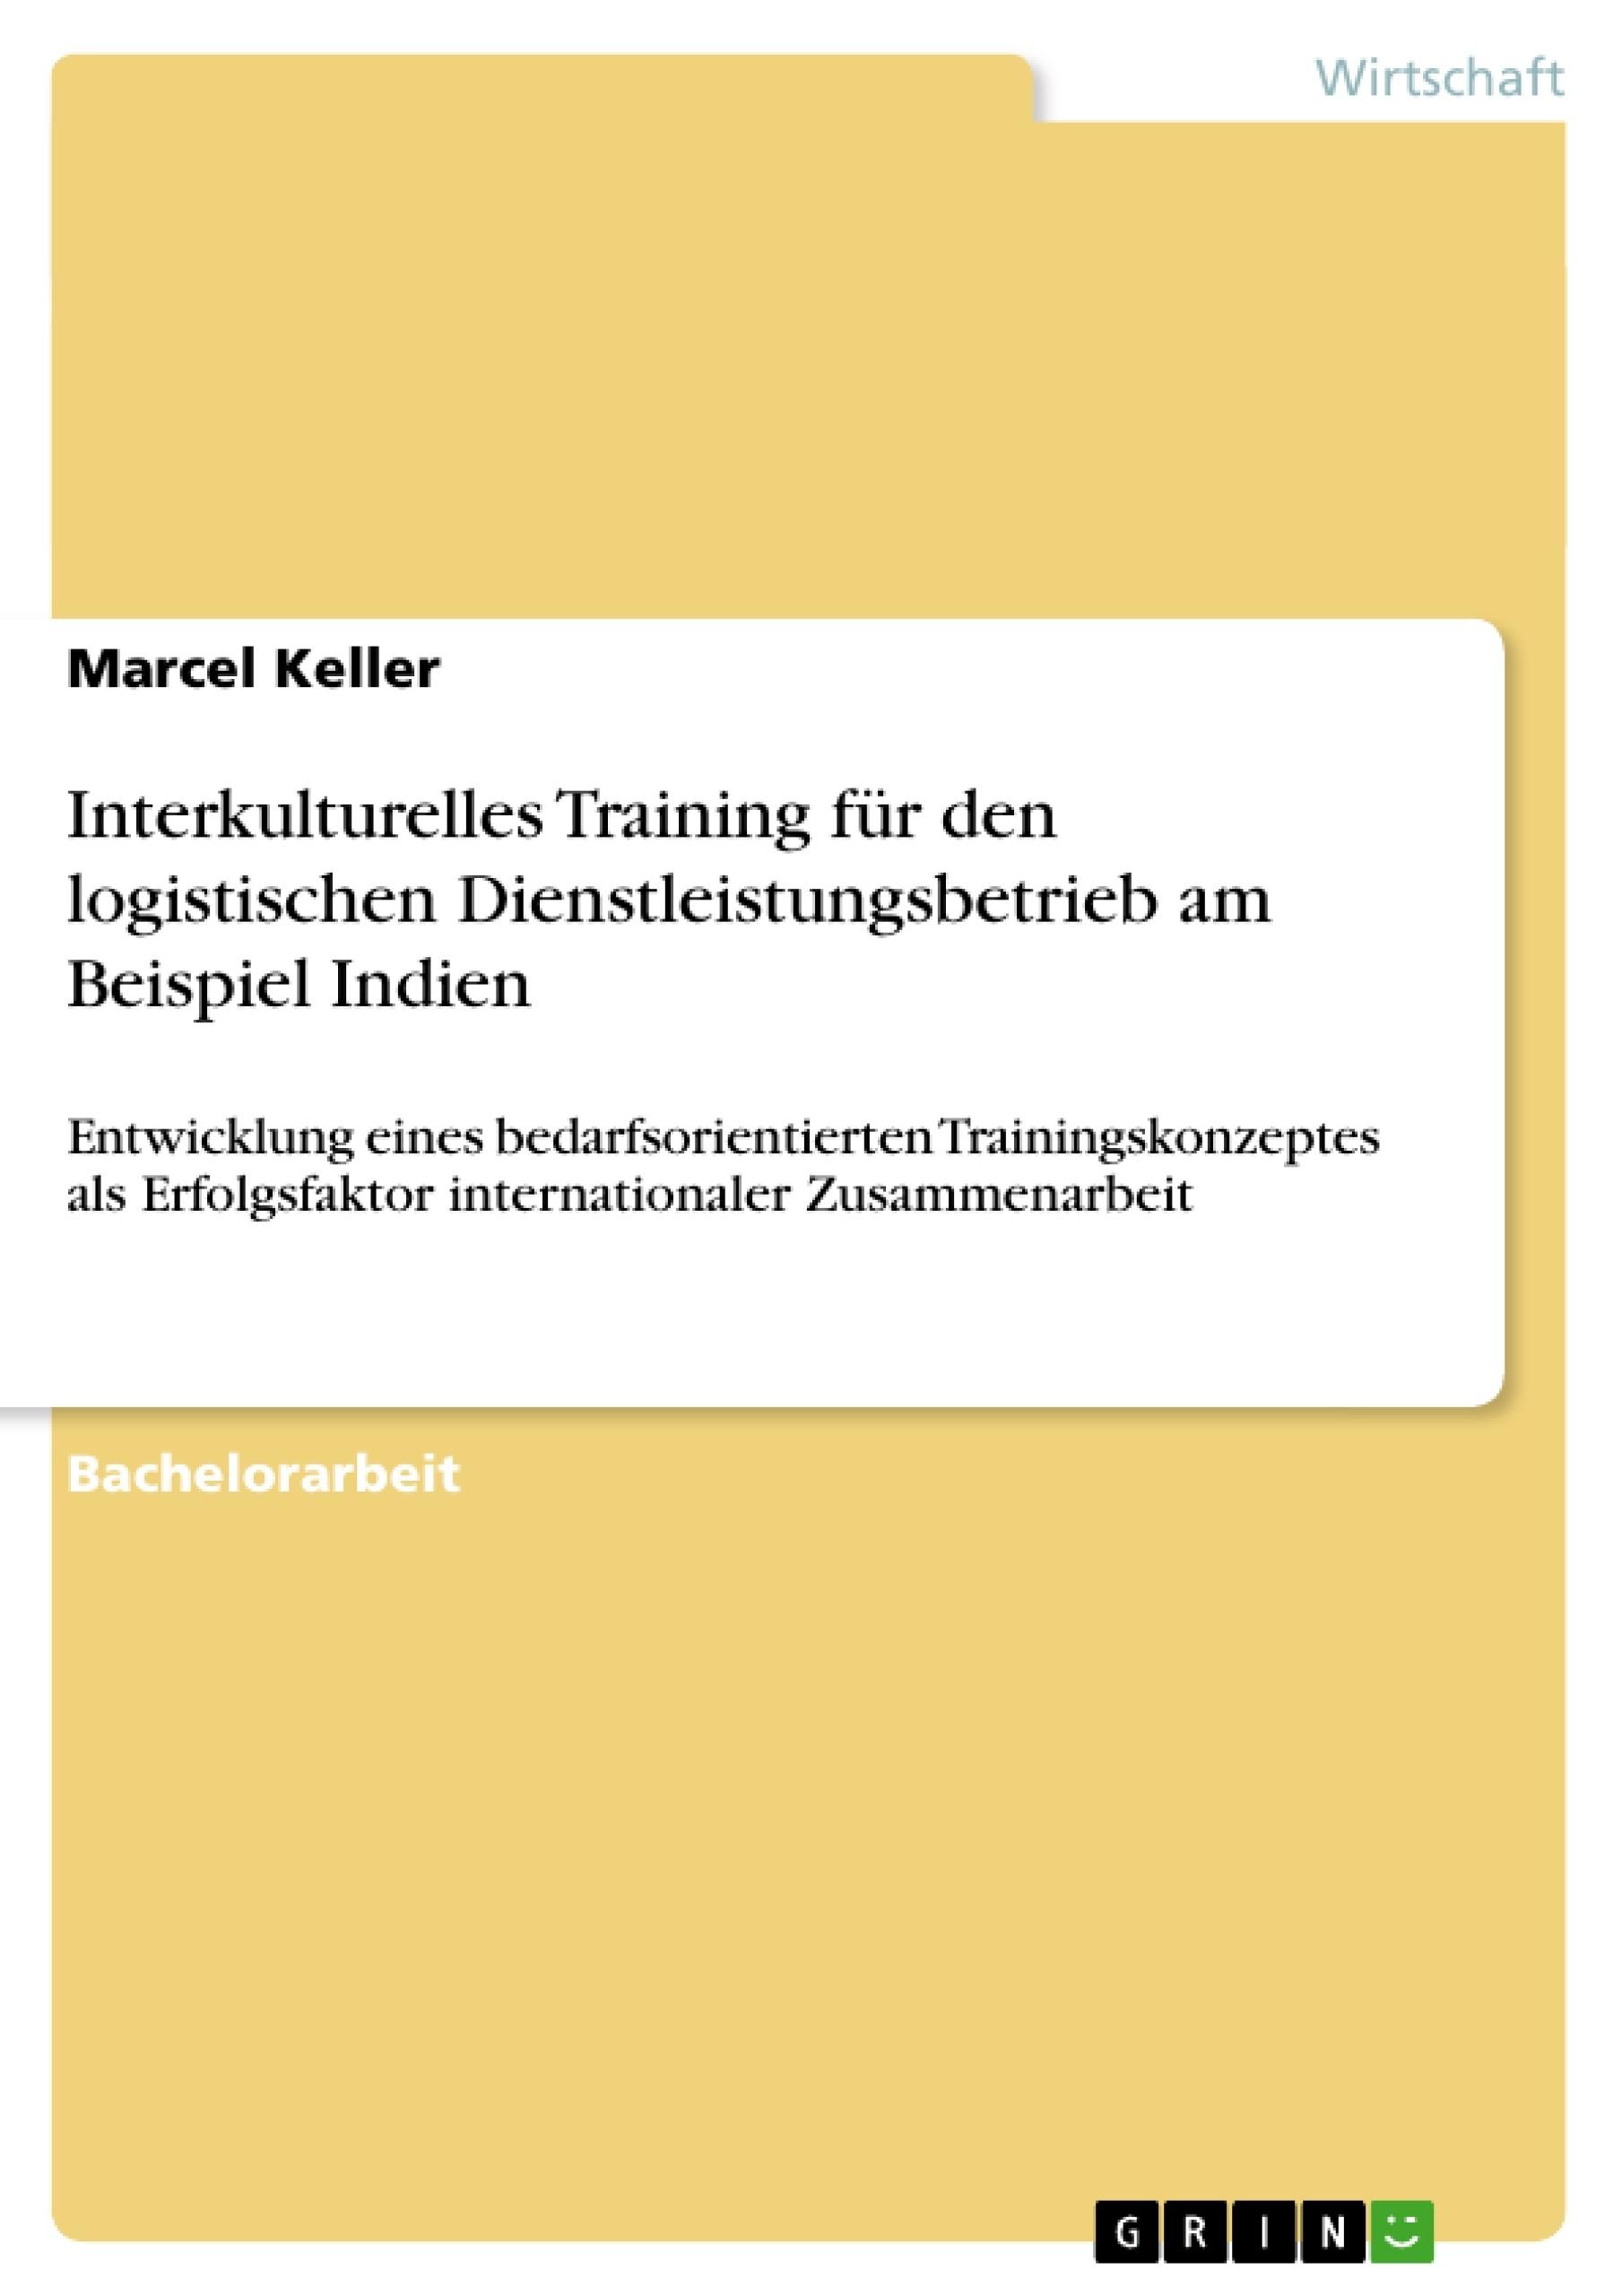 Titel: Interkulturelles Training für den logistischen Dienstleistungsbetrieb am Beispiel Indien